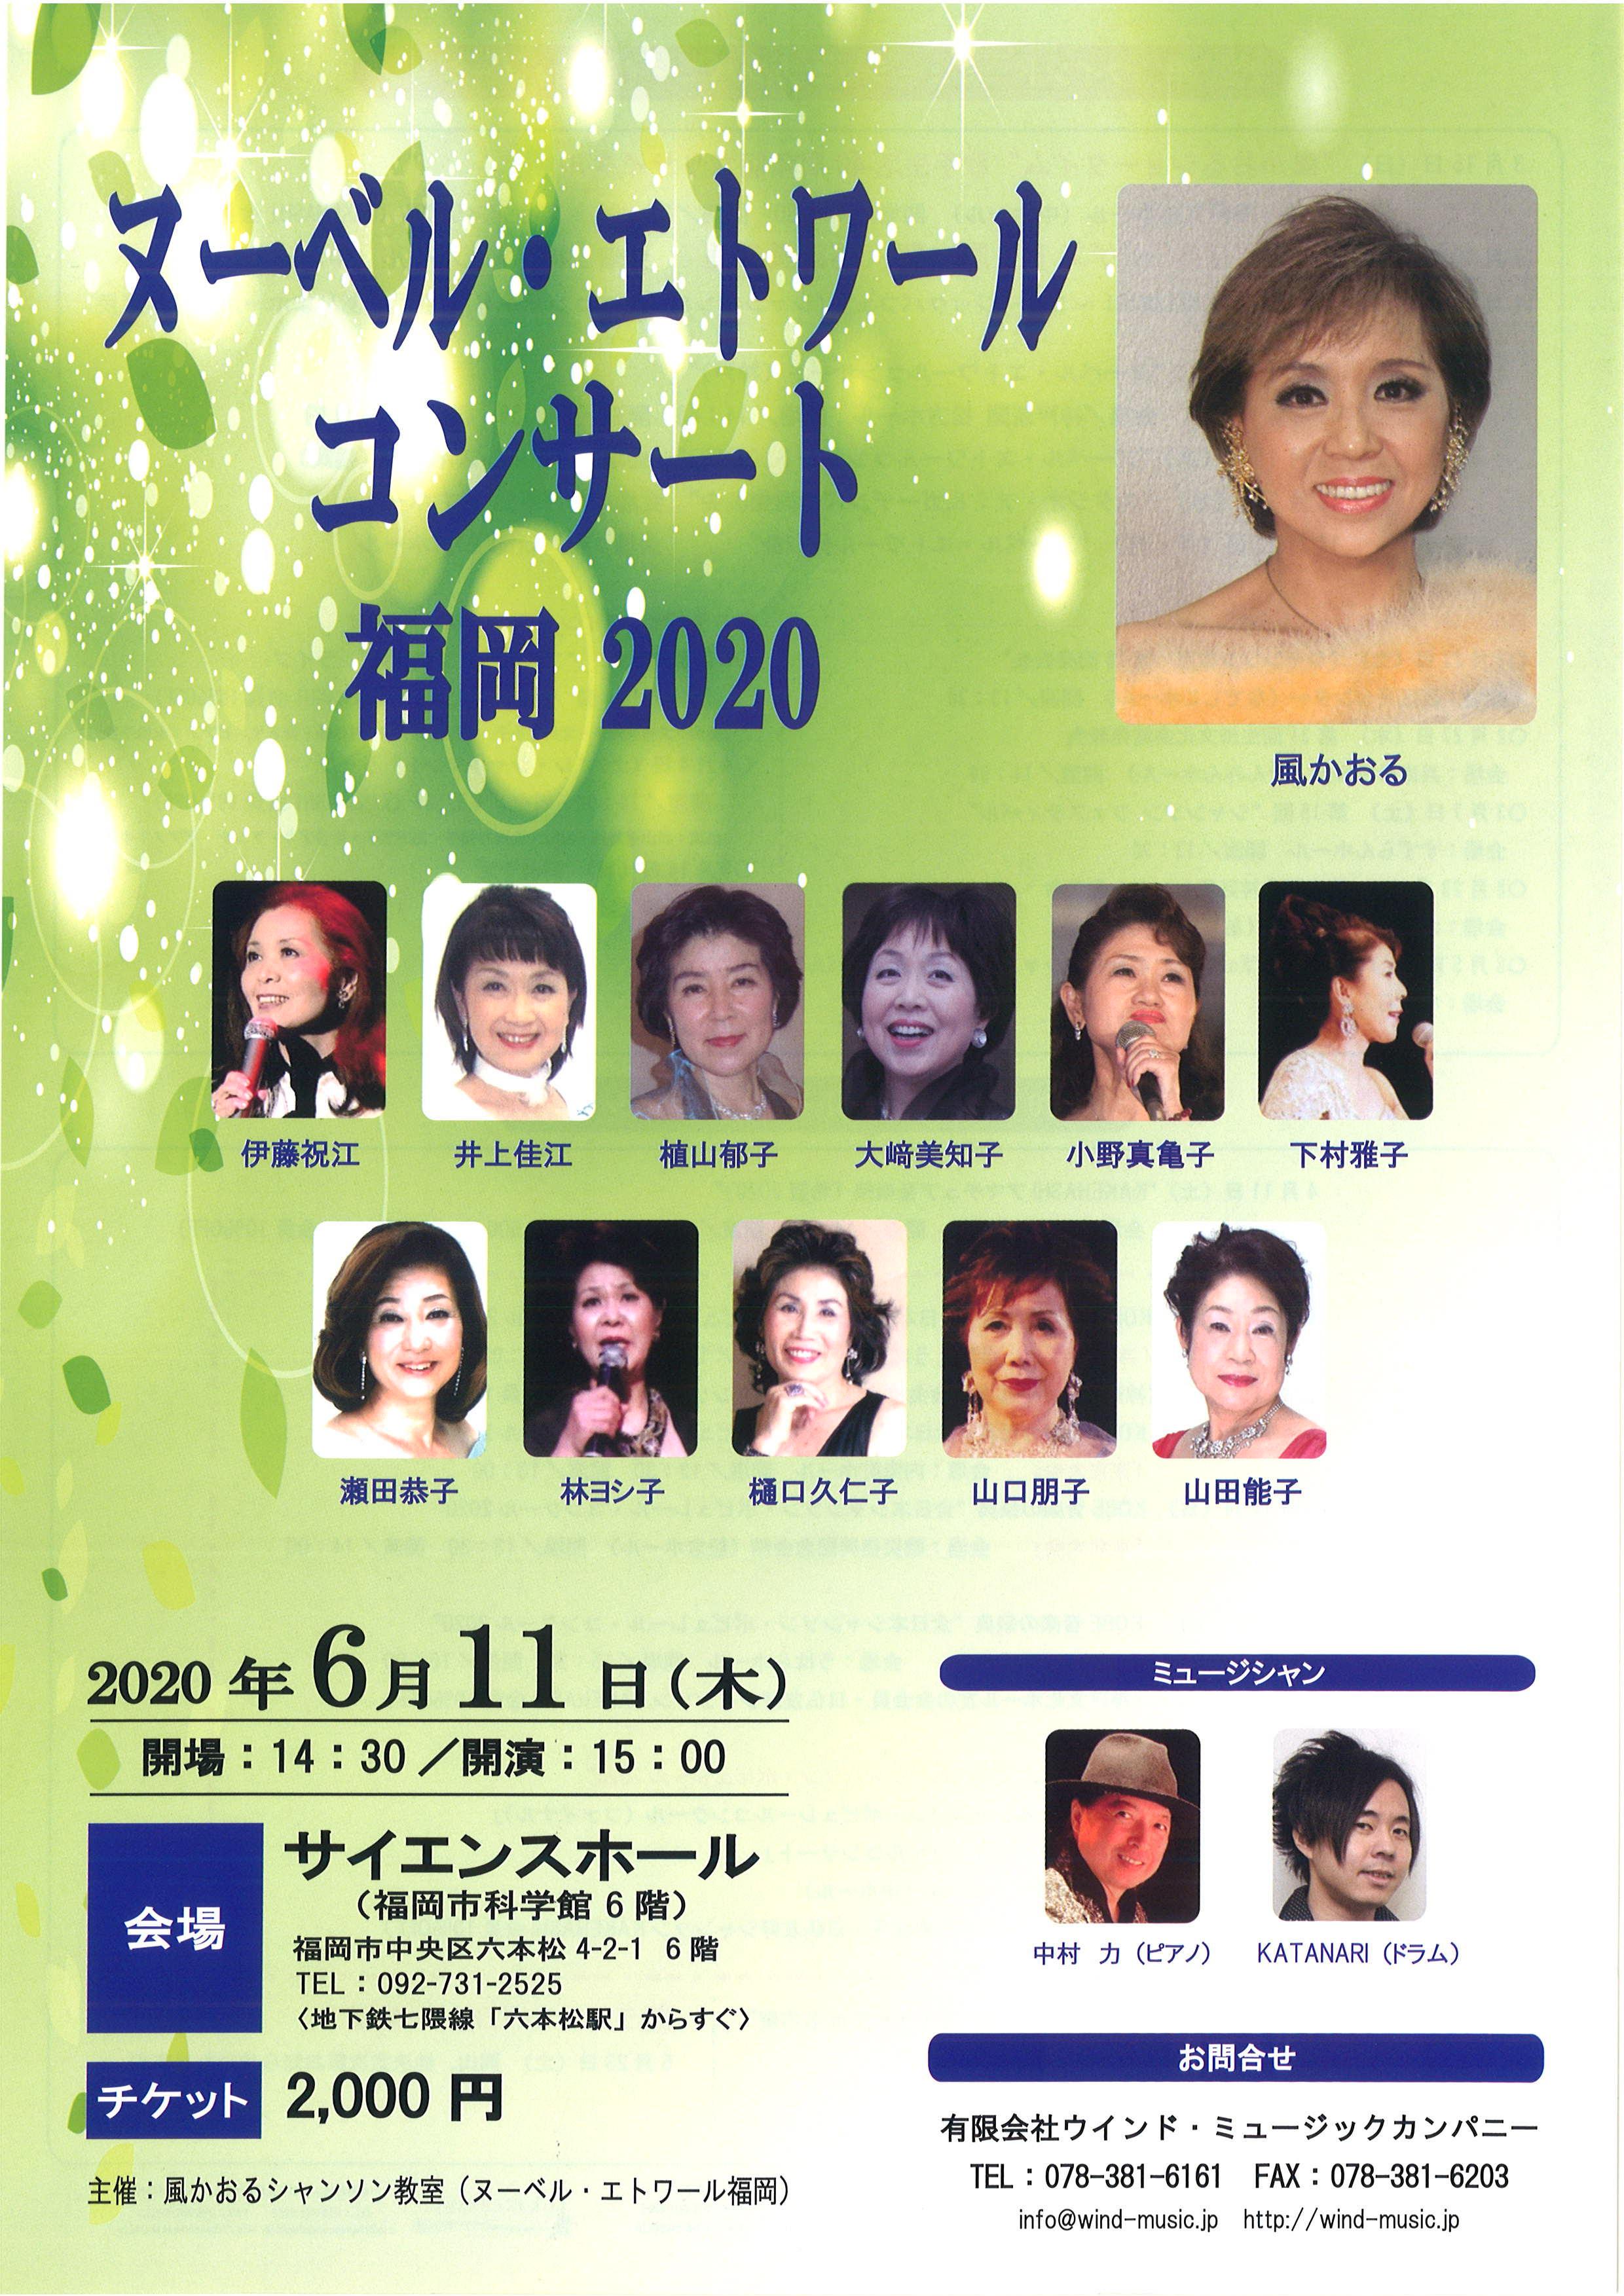 ヌーベル・エトワール コンサート 福岡2020.jpg